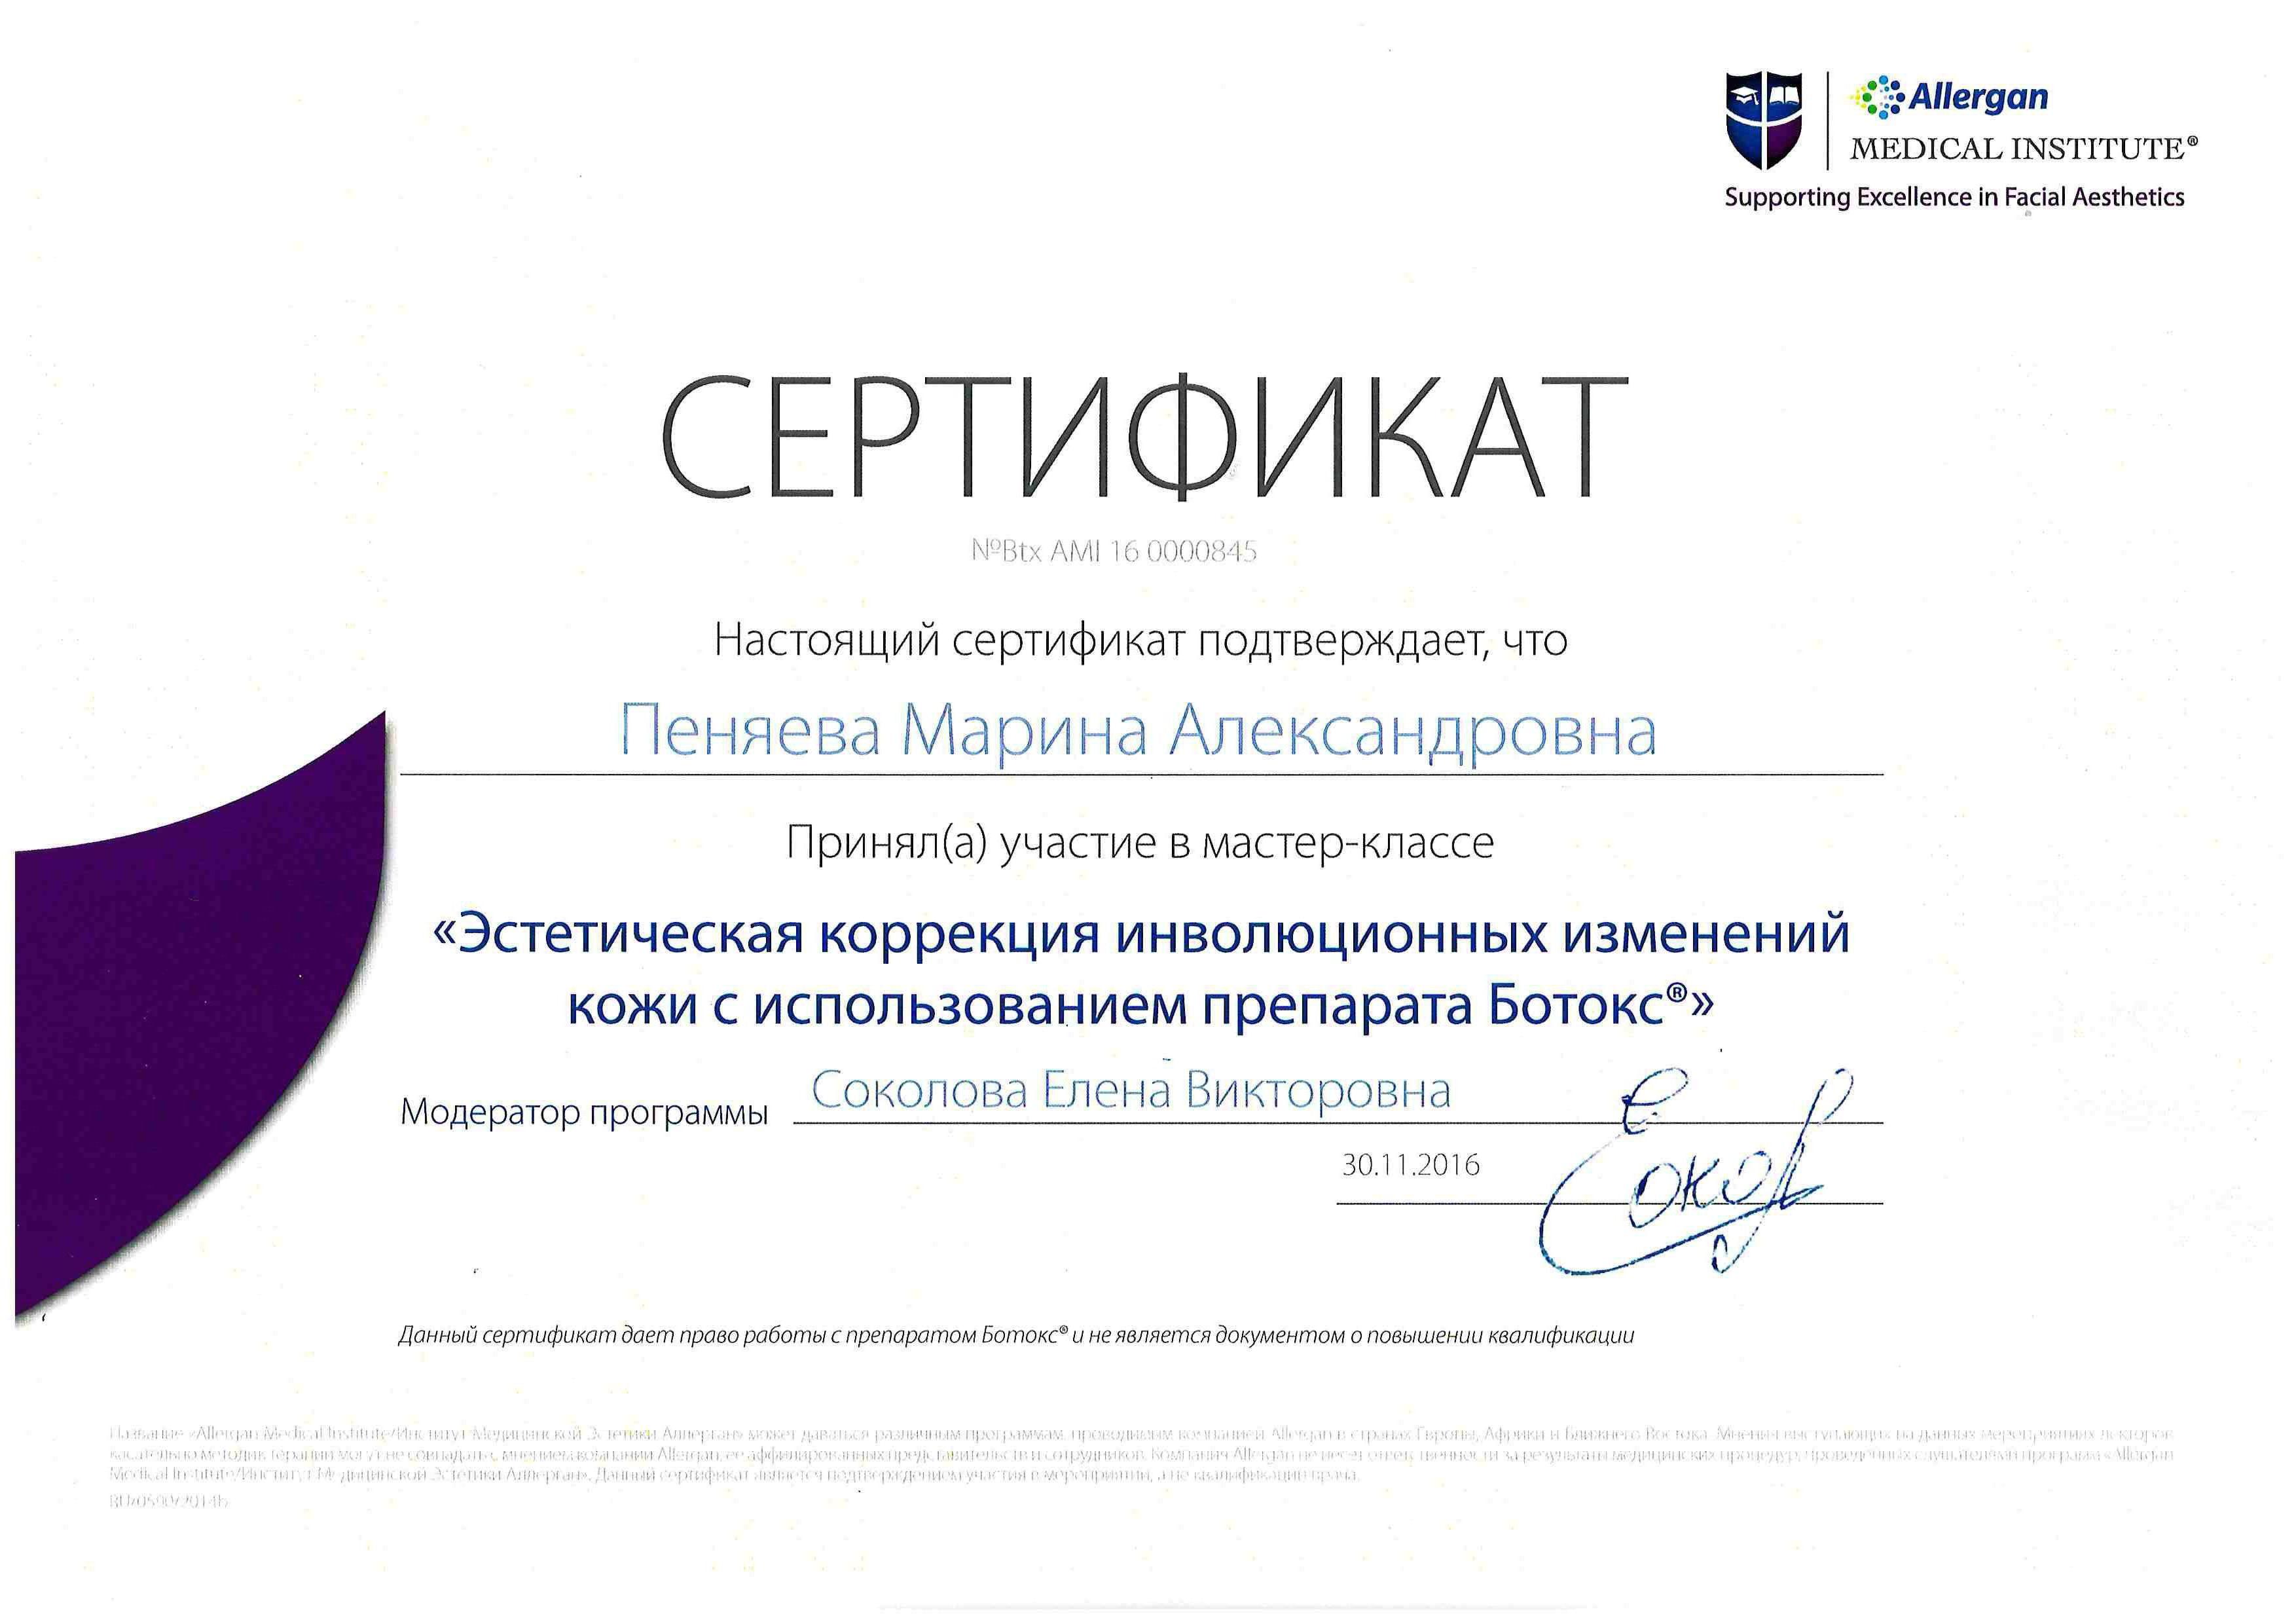 Сертификат — Эстетическая коррекция с использованием препарата Ботокс. Пеняева Марина Александровна